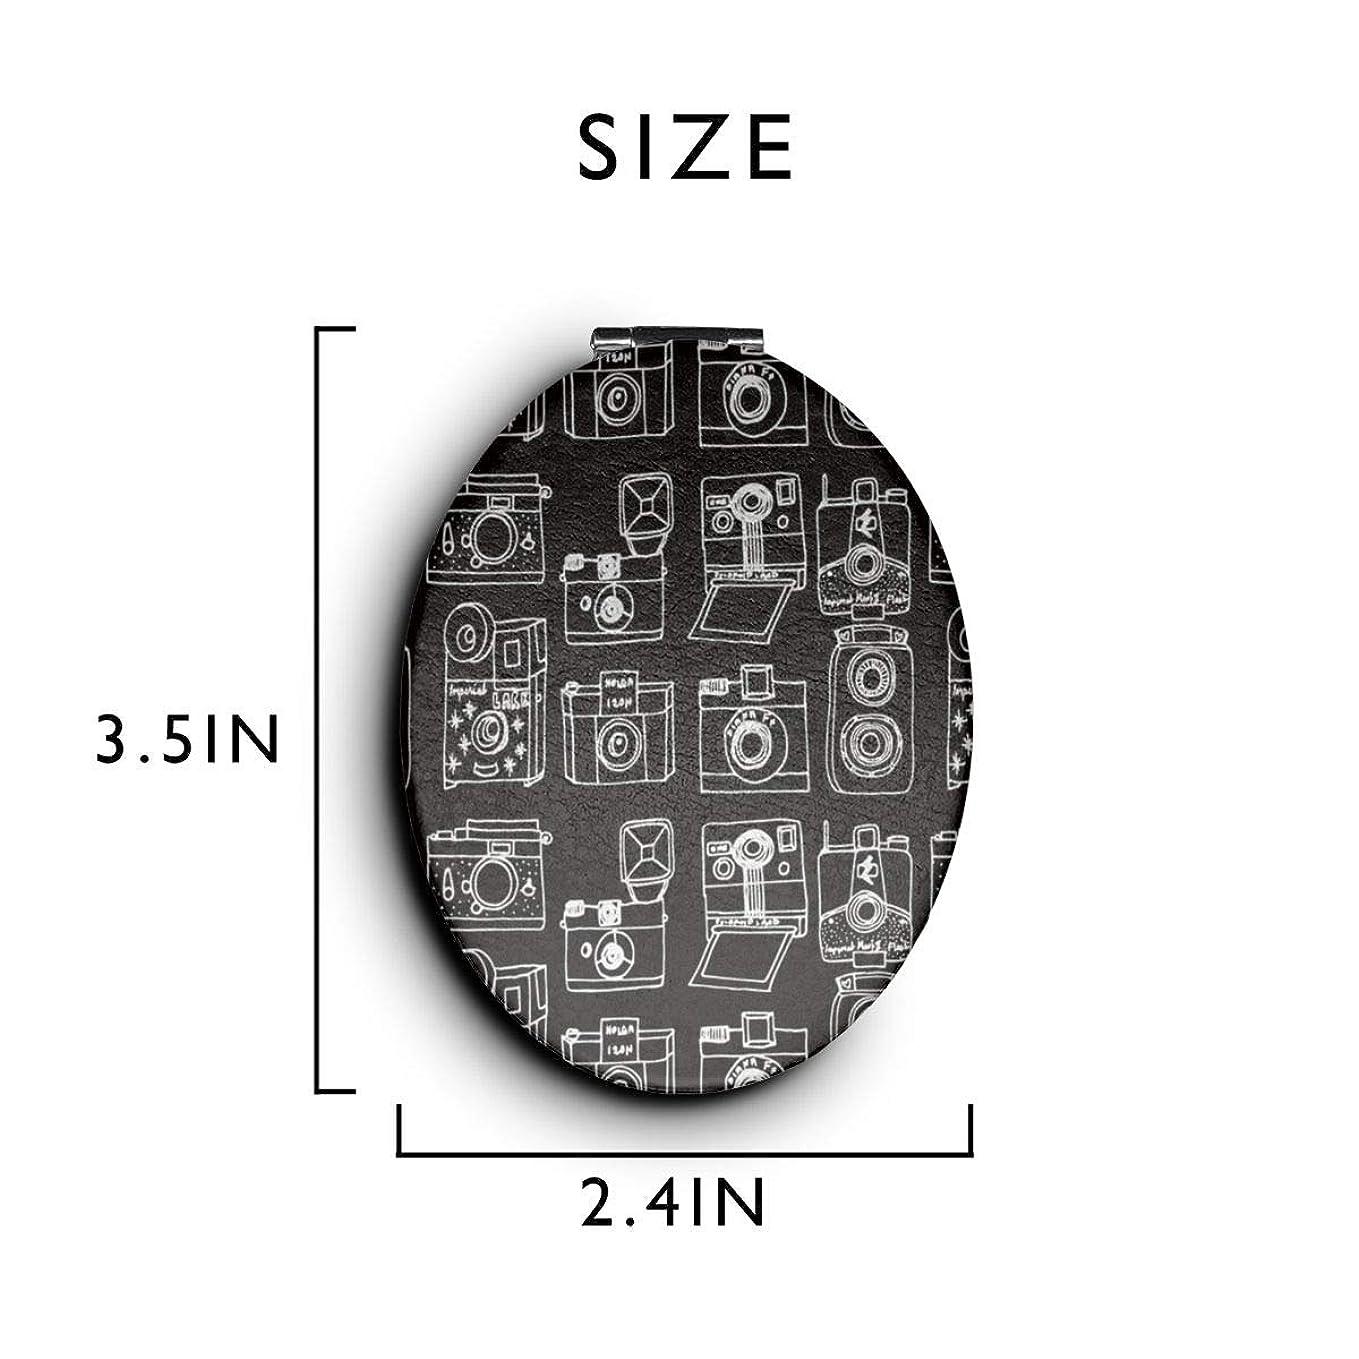 ラインボイコット常識化粧鏡 コンパクトミラー ビンテージカメラ 手鏡 携帯ミラー 折りたたみ鏡 拡大鏡 両面ミラー